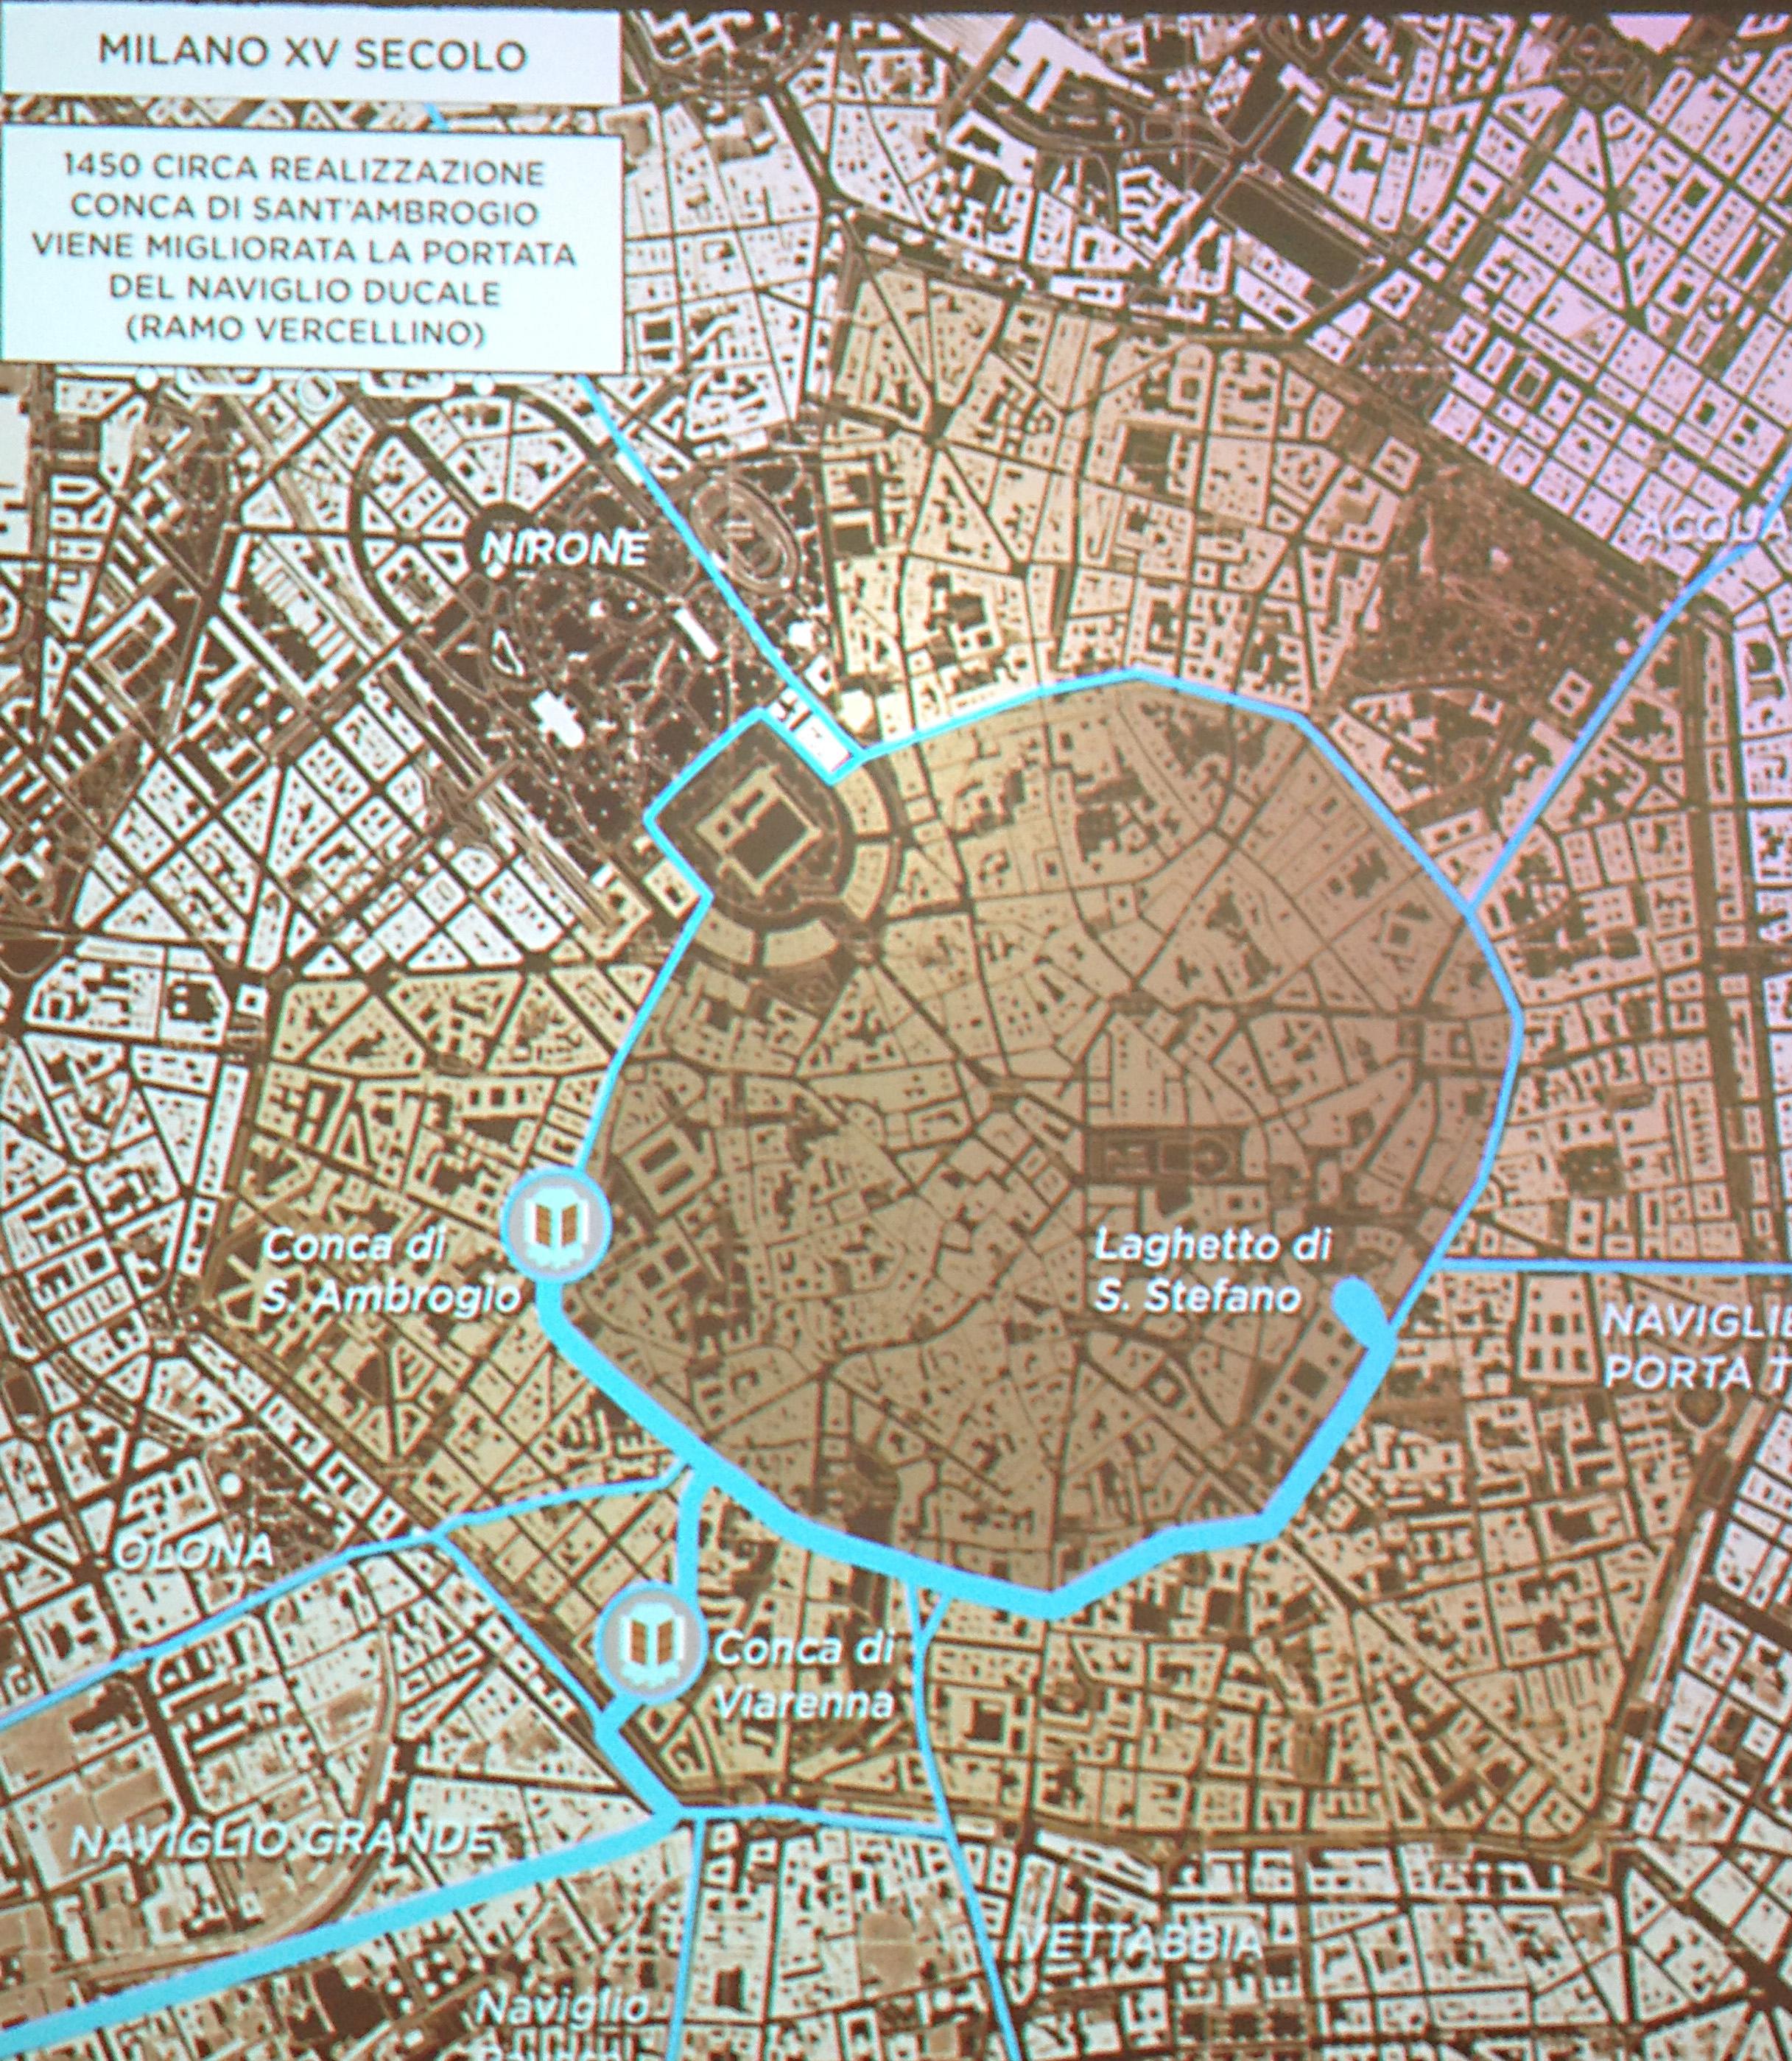 Mappa interattivi dei Navigli milanesi